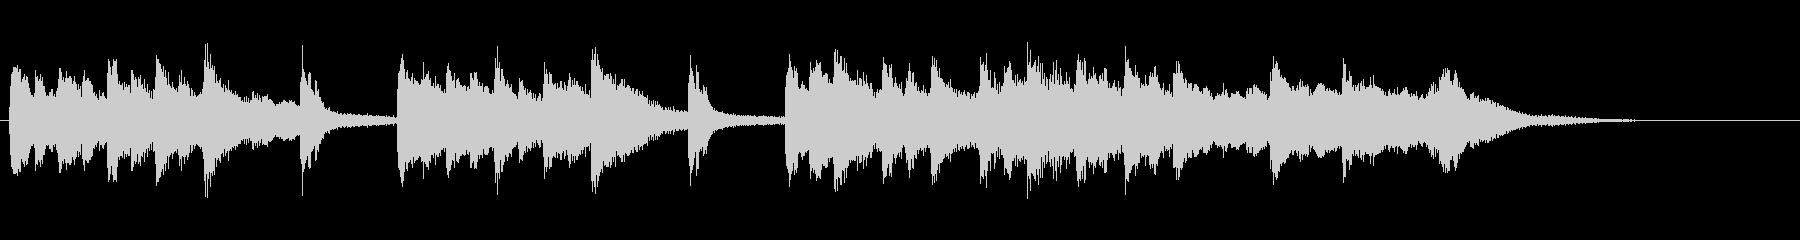 TV・ラジオ音圧。琴笛を使った邦楽出囃子の未再生の波形